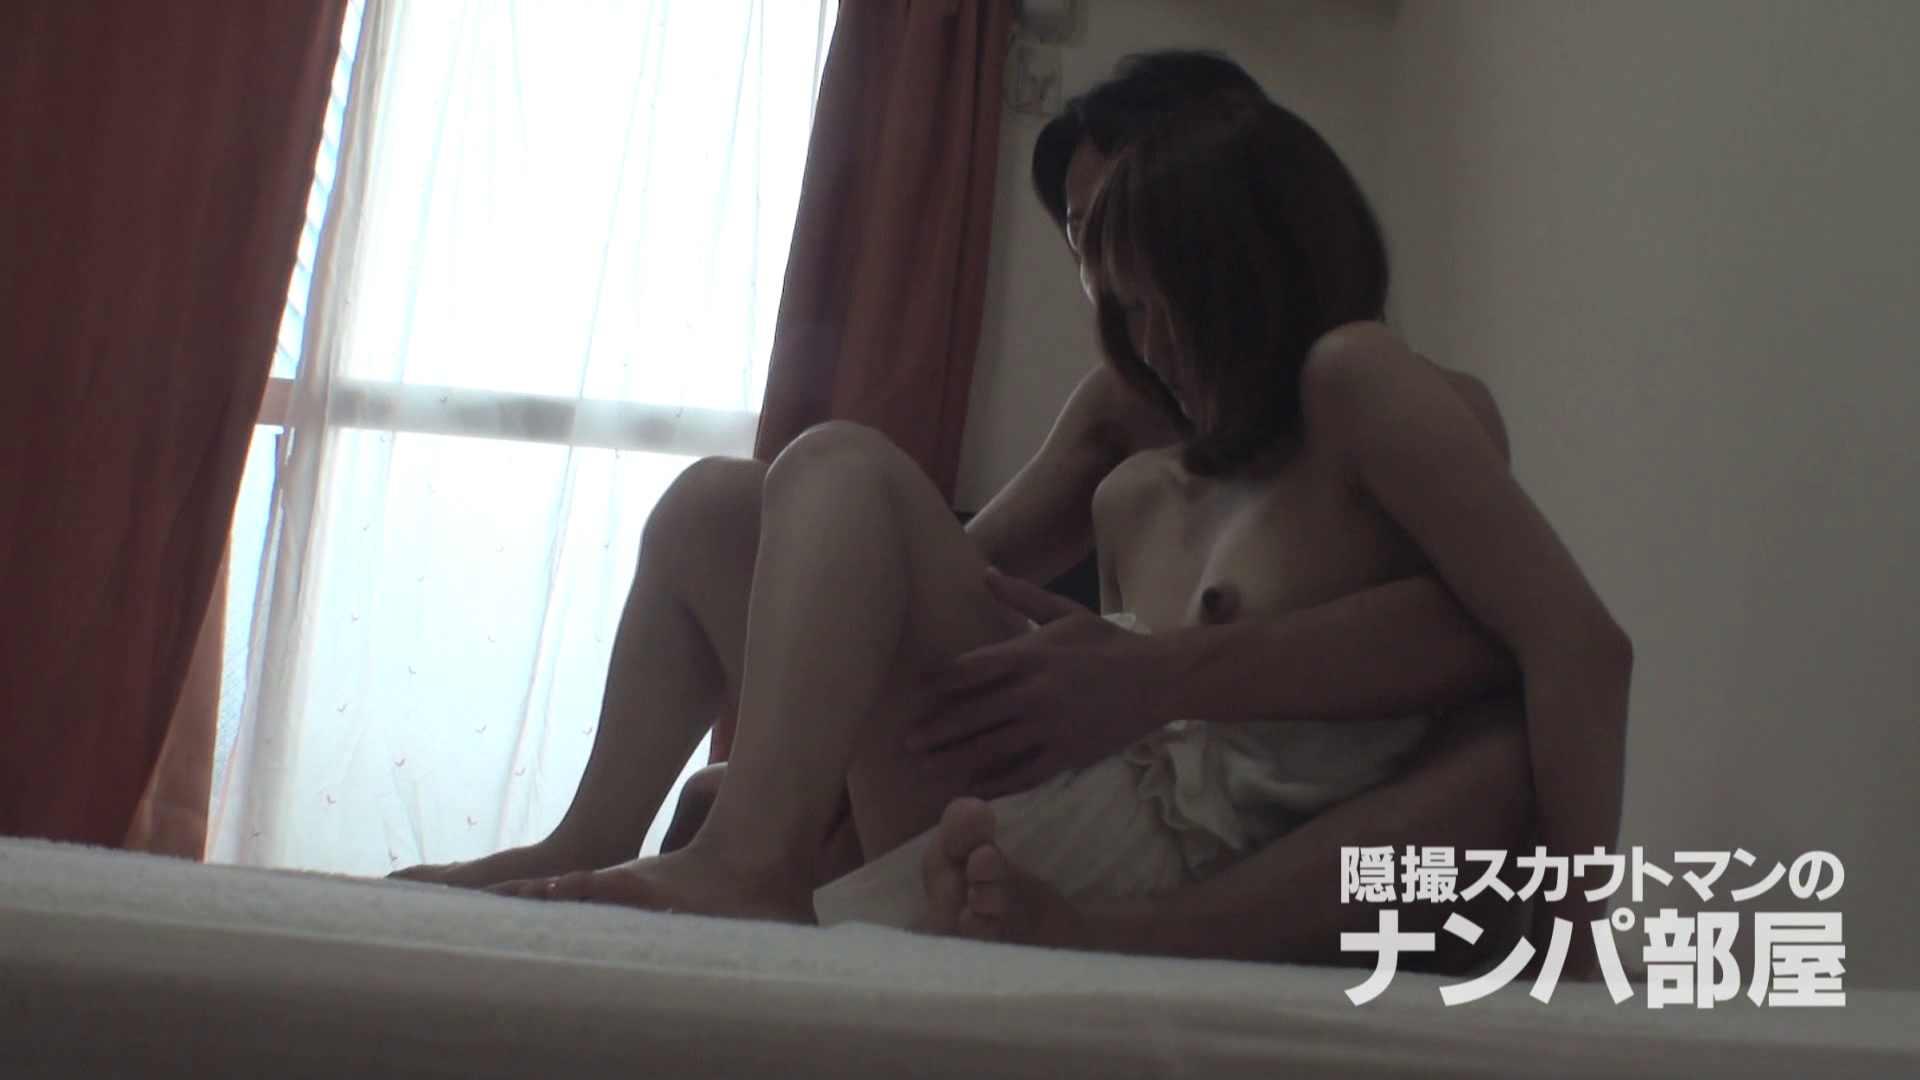 隠撮スカウトマンのナンパ部屋~風俗デビュー前のつまみ食い~ sii 隠撮   ナンパ  98pic 73